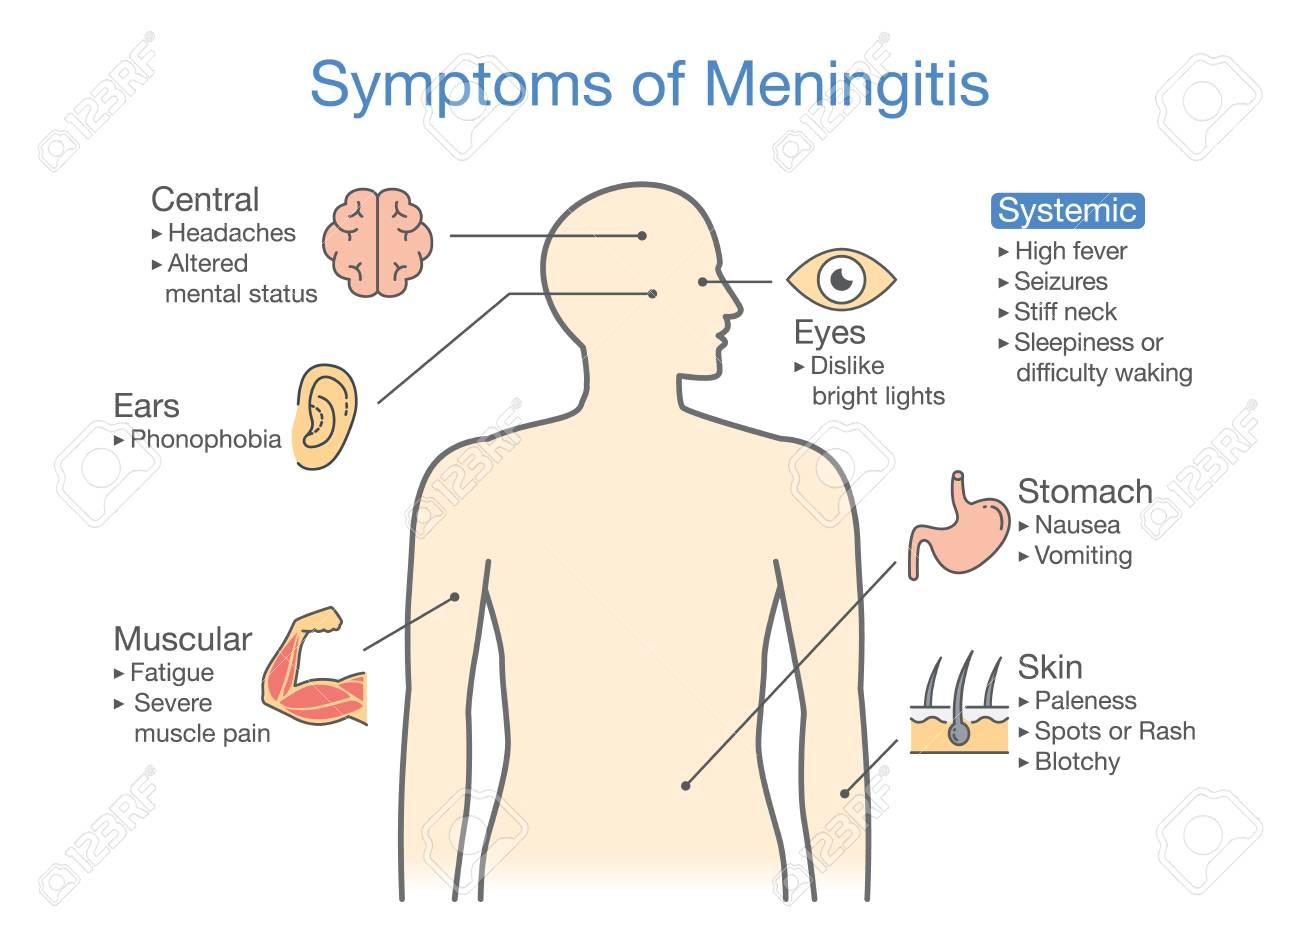 Symptomen Van Meningitis Patiënt Schema Van Tekenen Van Ziekte